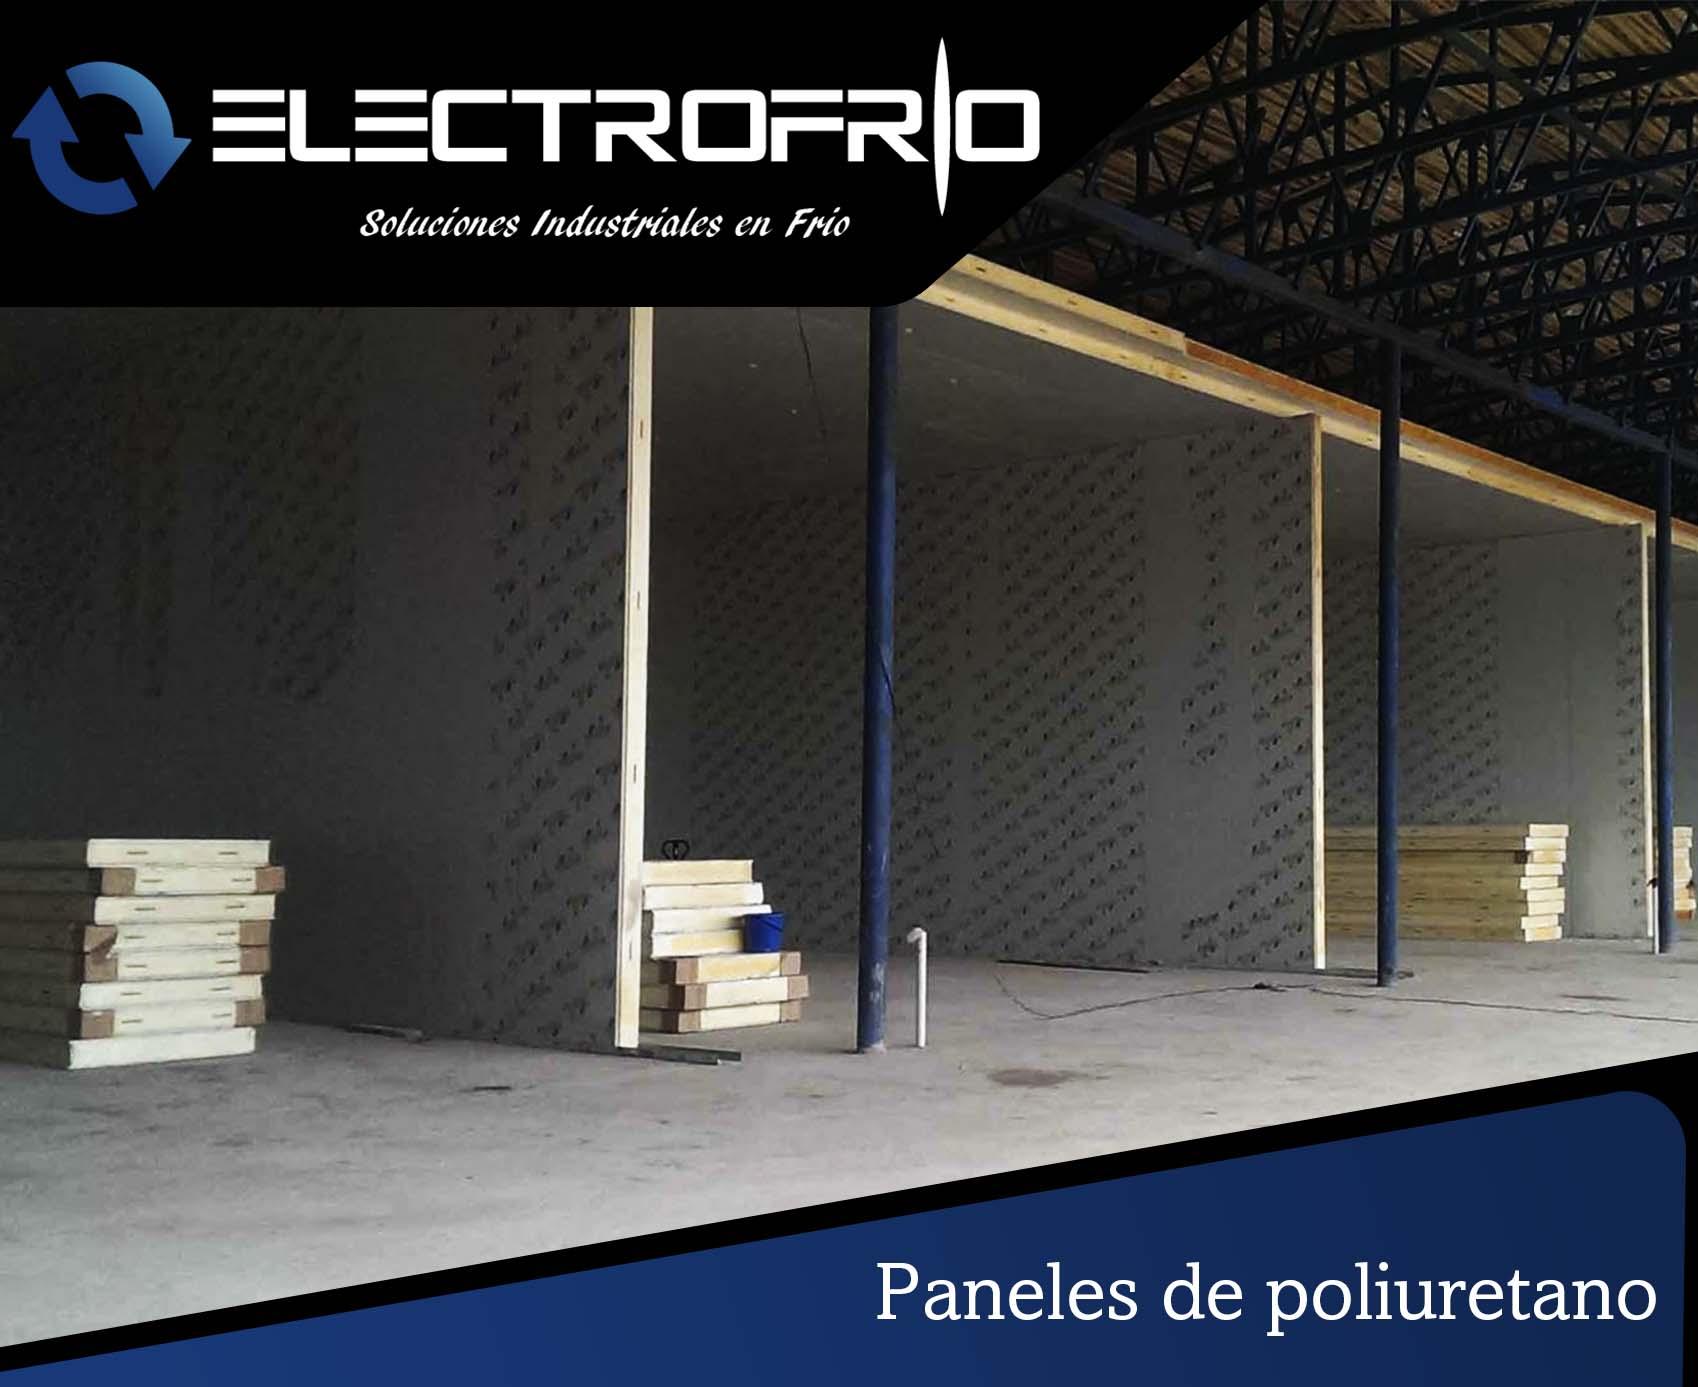 Electrofr o paneles de poliuretano electrofr o - Paneles de poliuretano ...